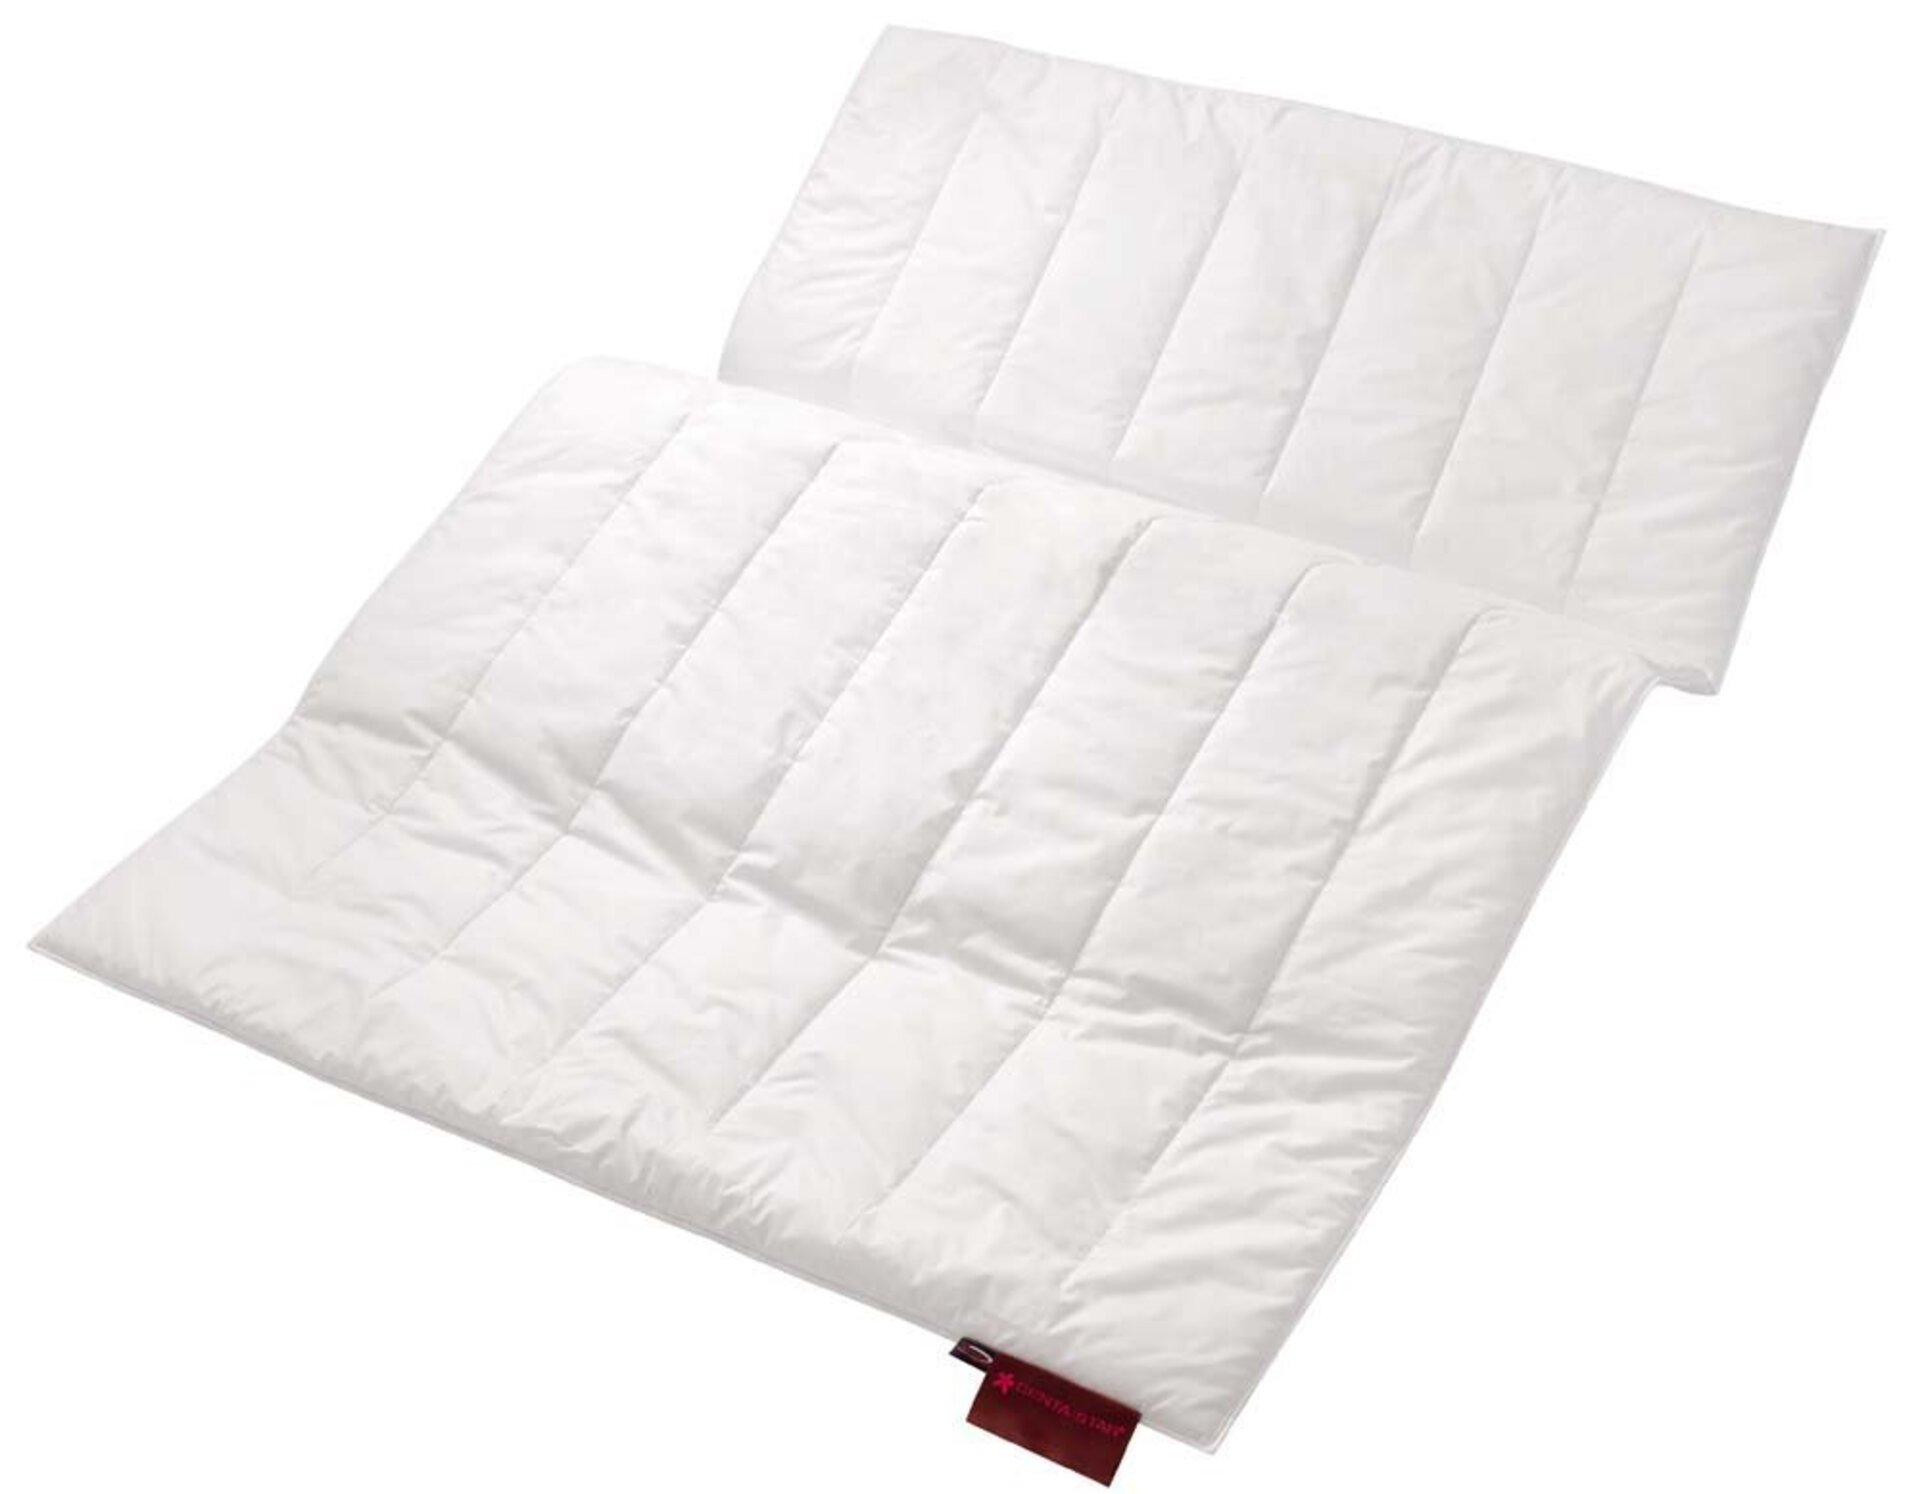 Ganzjahresdecke ROYAL Duo-Leicht-Bett Centa-Star Textil weiß 135 x 200 cm